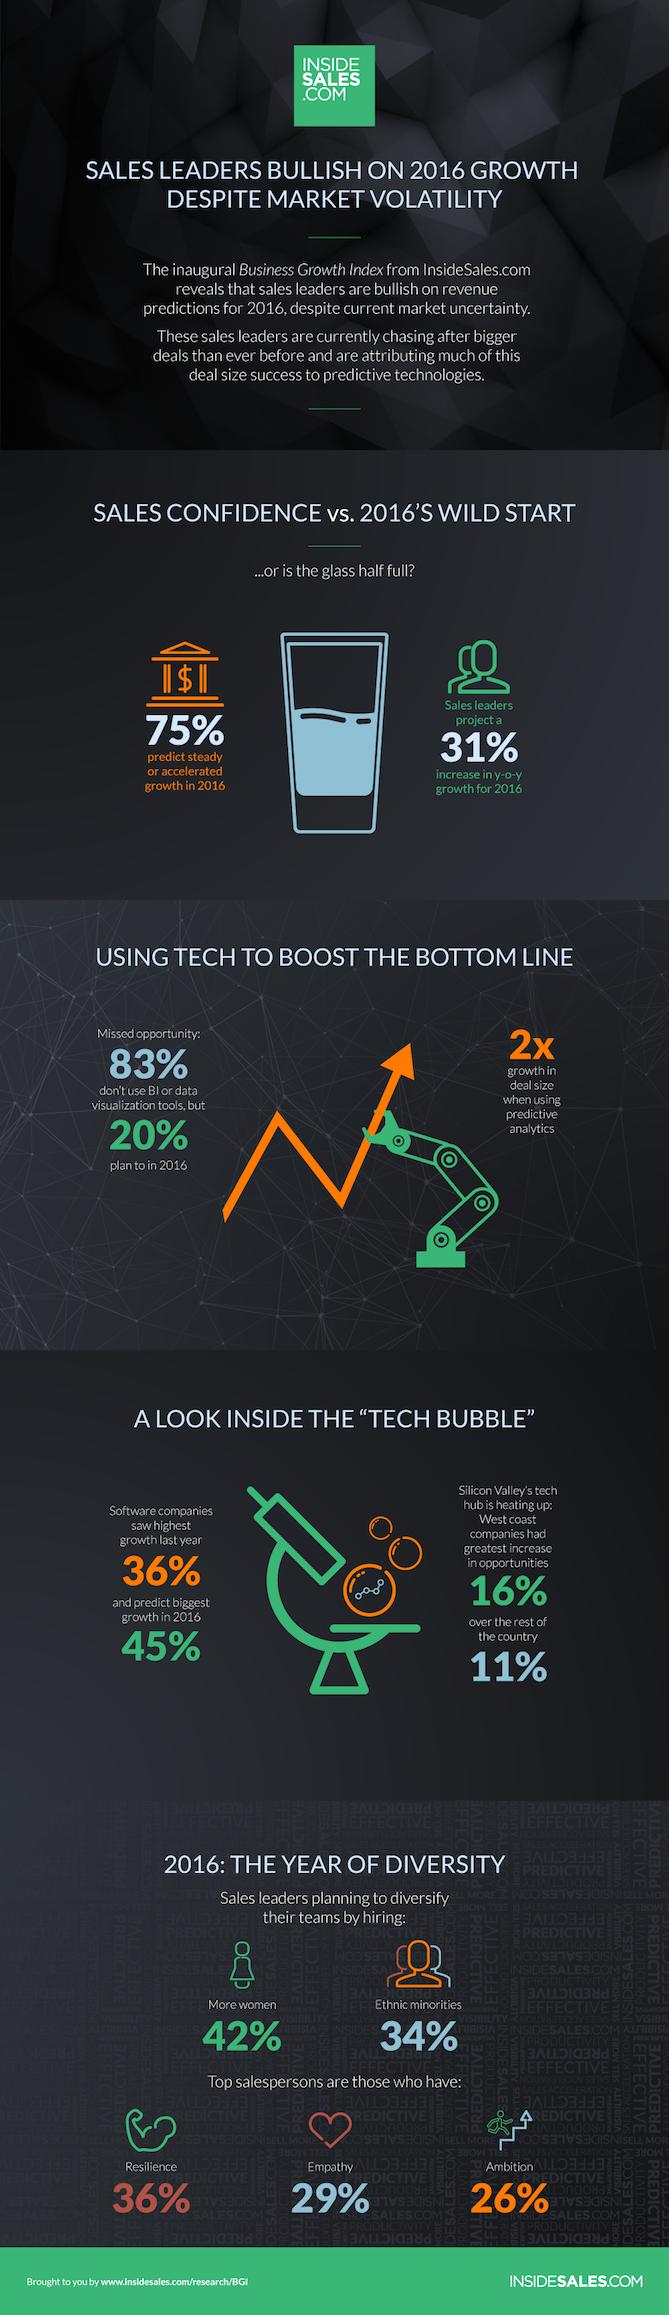 BGI-2016-infographic-1.png